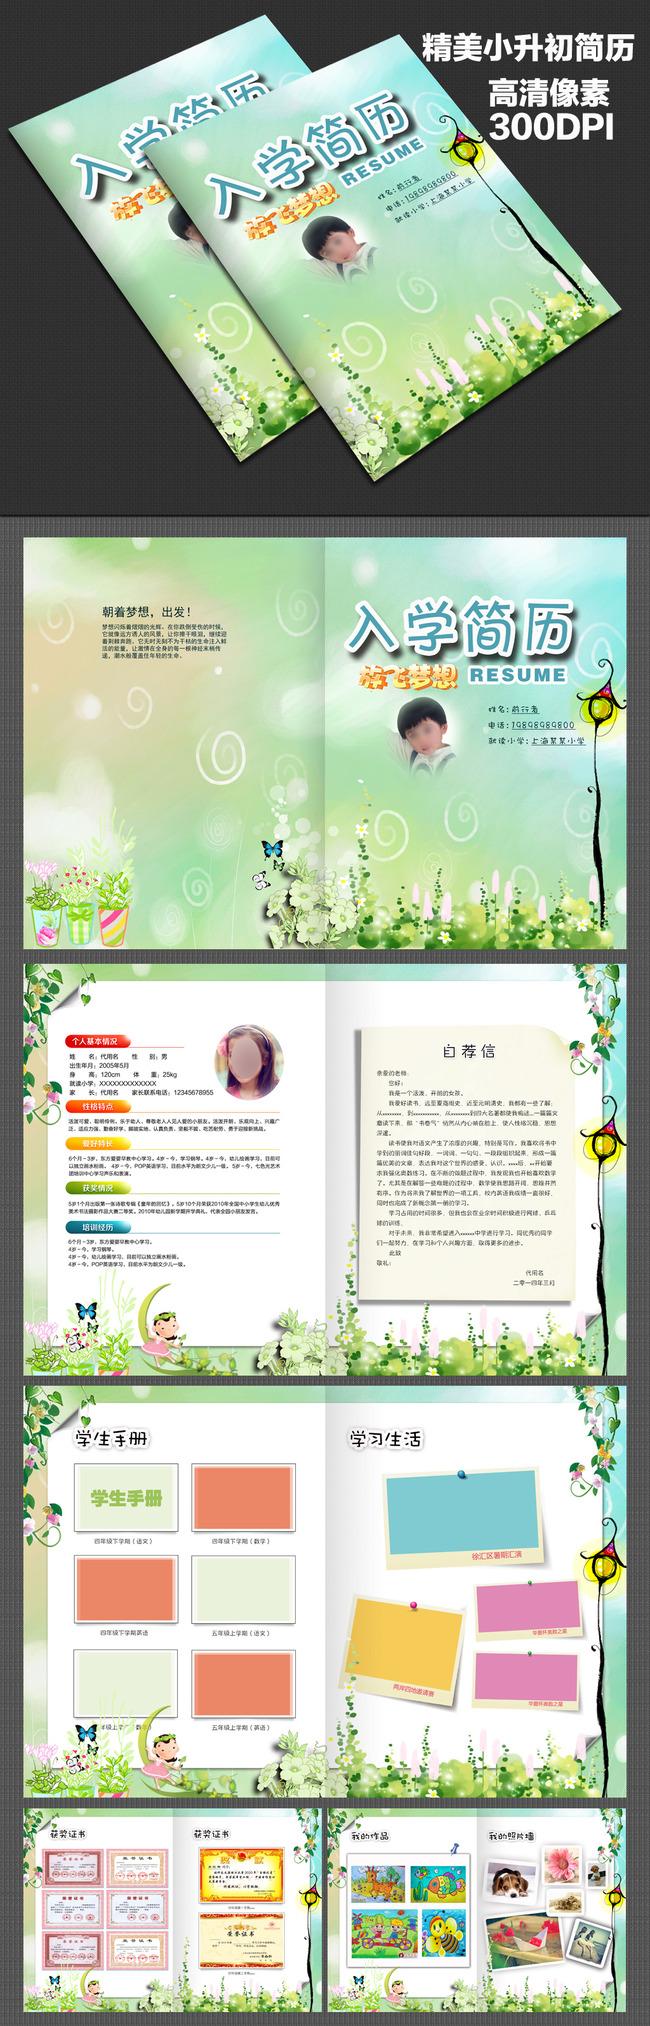 模板背景图片下载 小升初范文 小学生入学简历 小升初自荐信 个人介绍图片